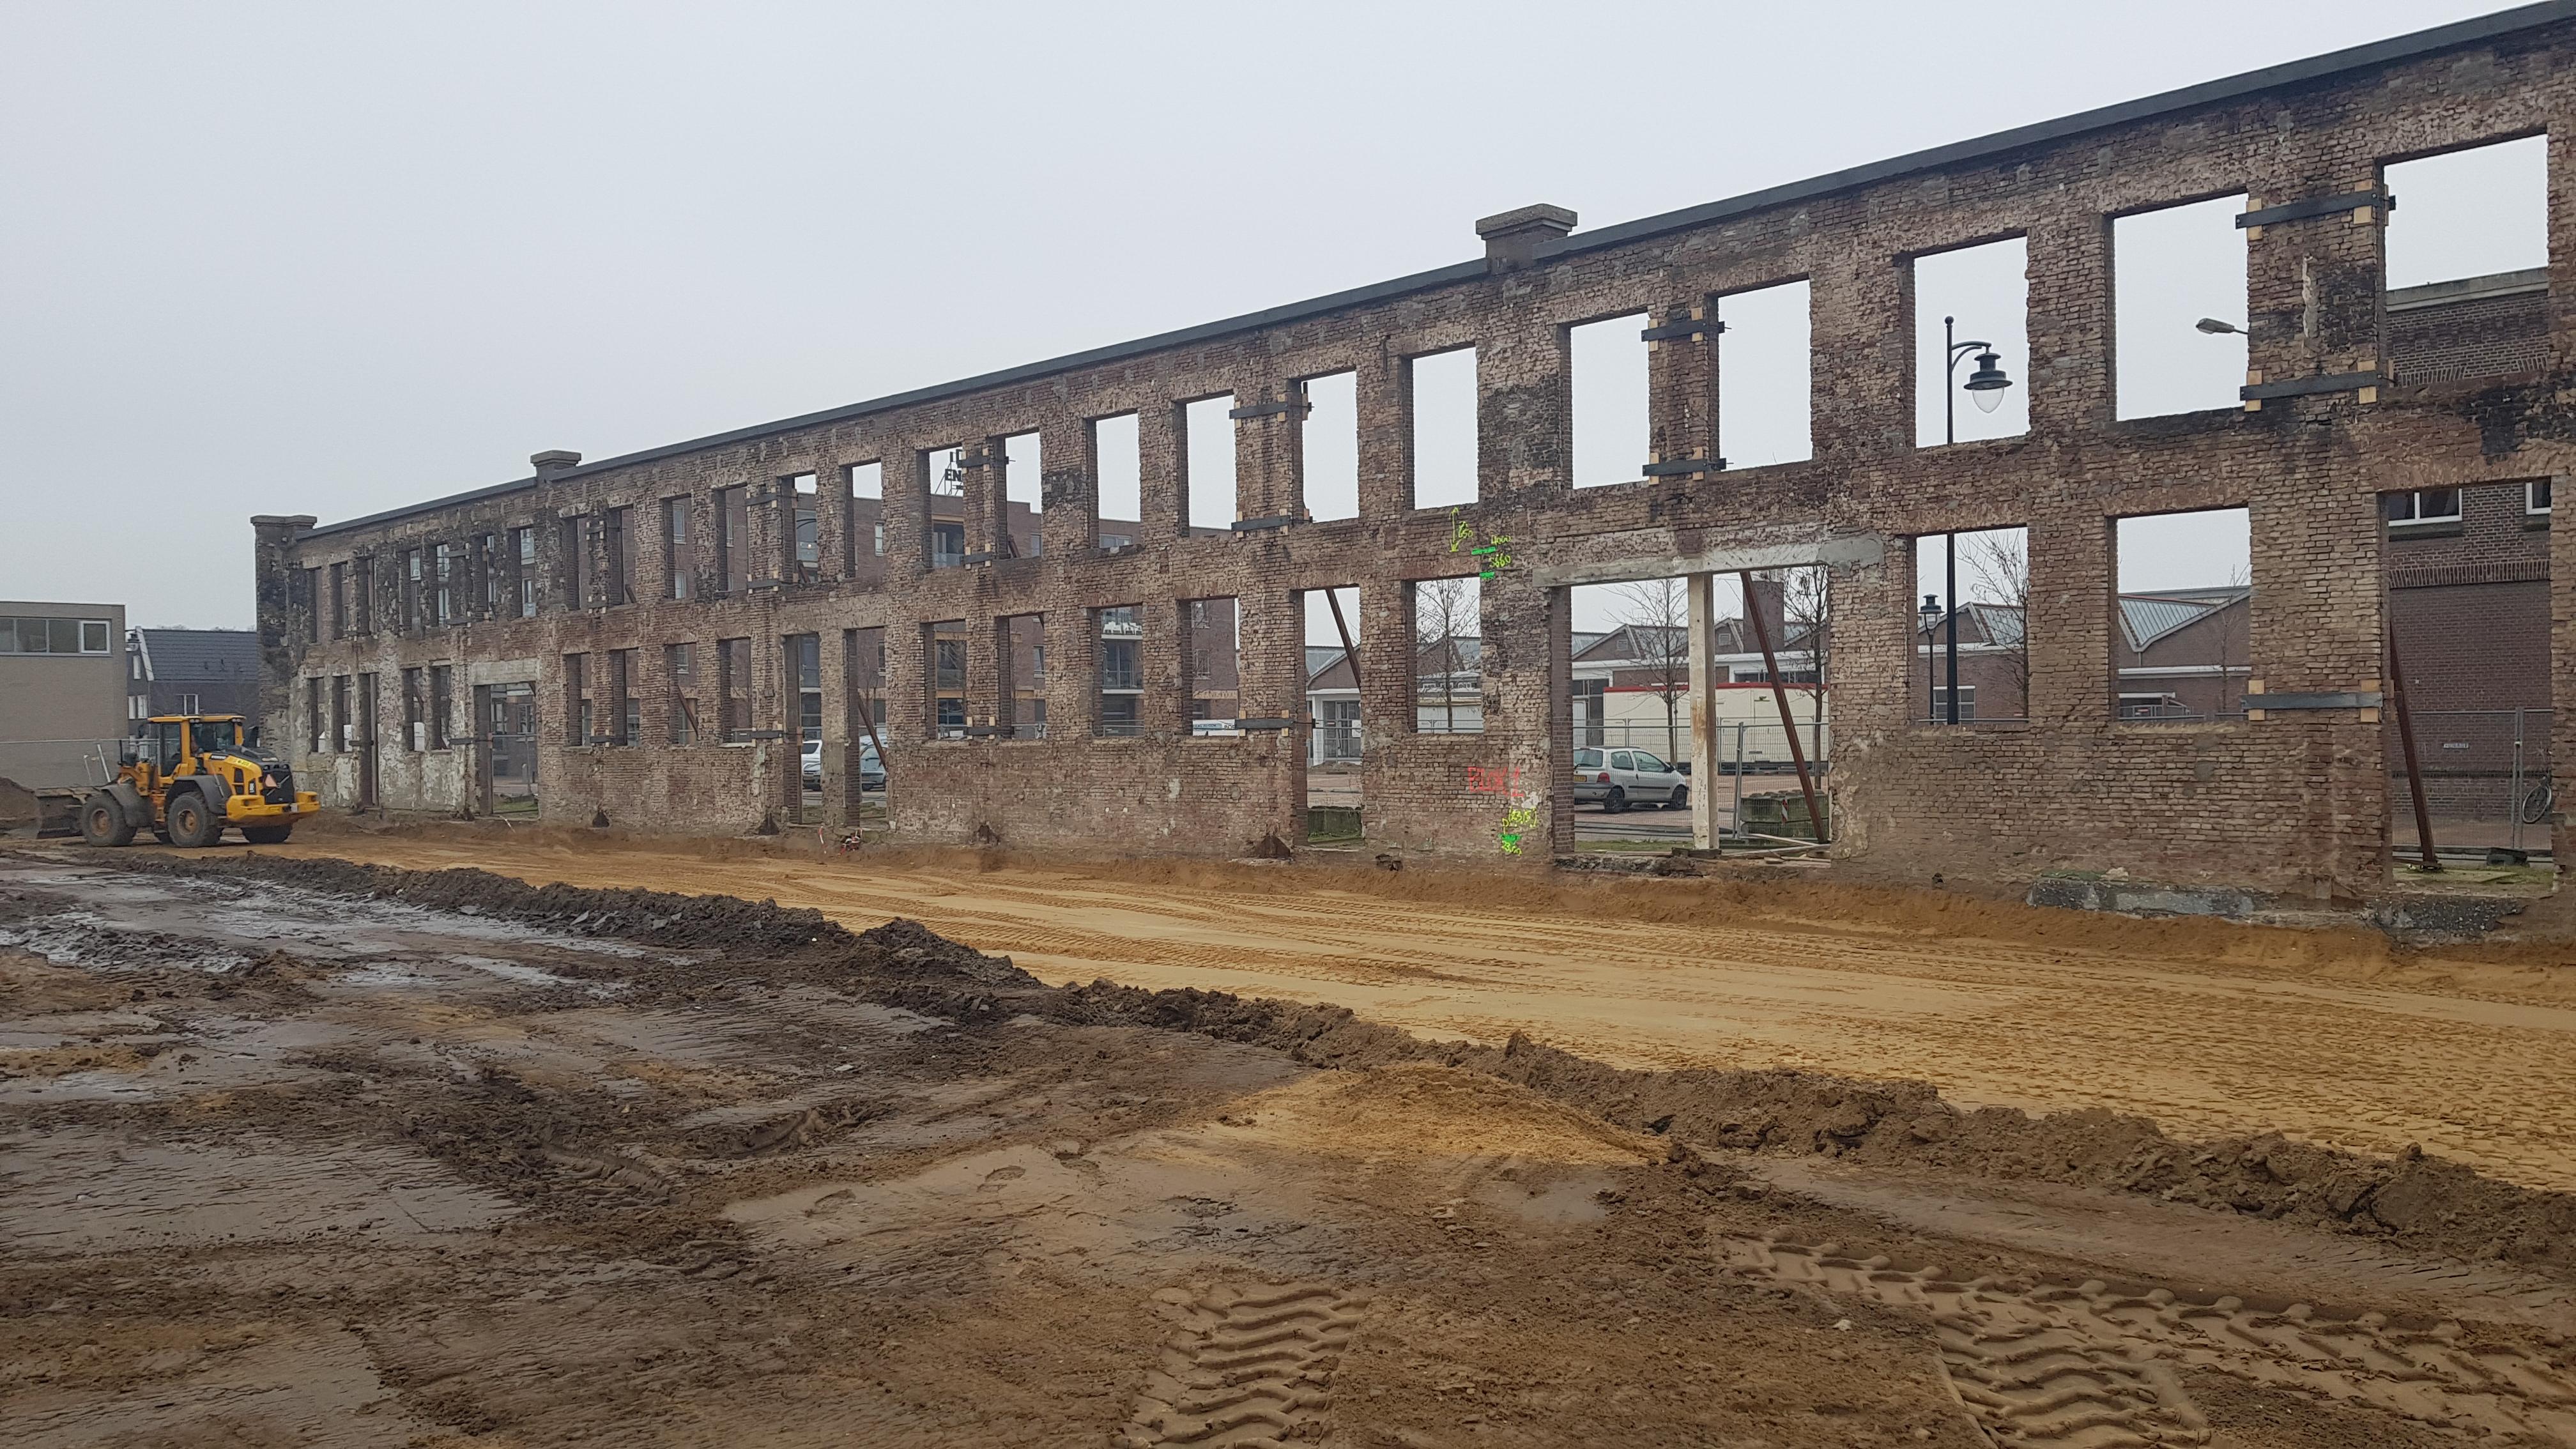 de fabriekshal van Enka is gesloopt; maar de muur is blijven staan. En daartegenaan worden woningen gebouwd